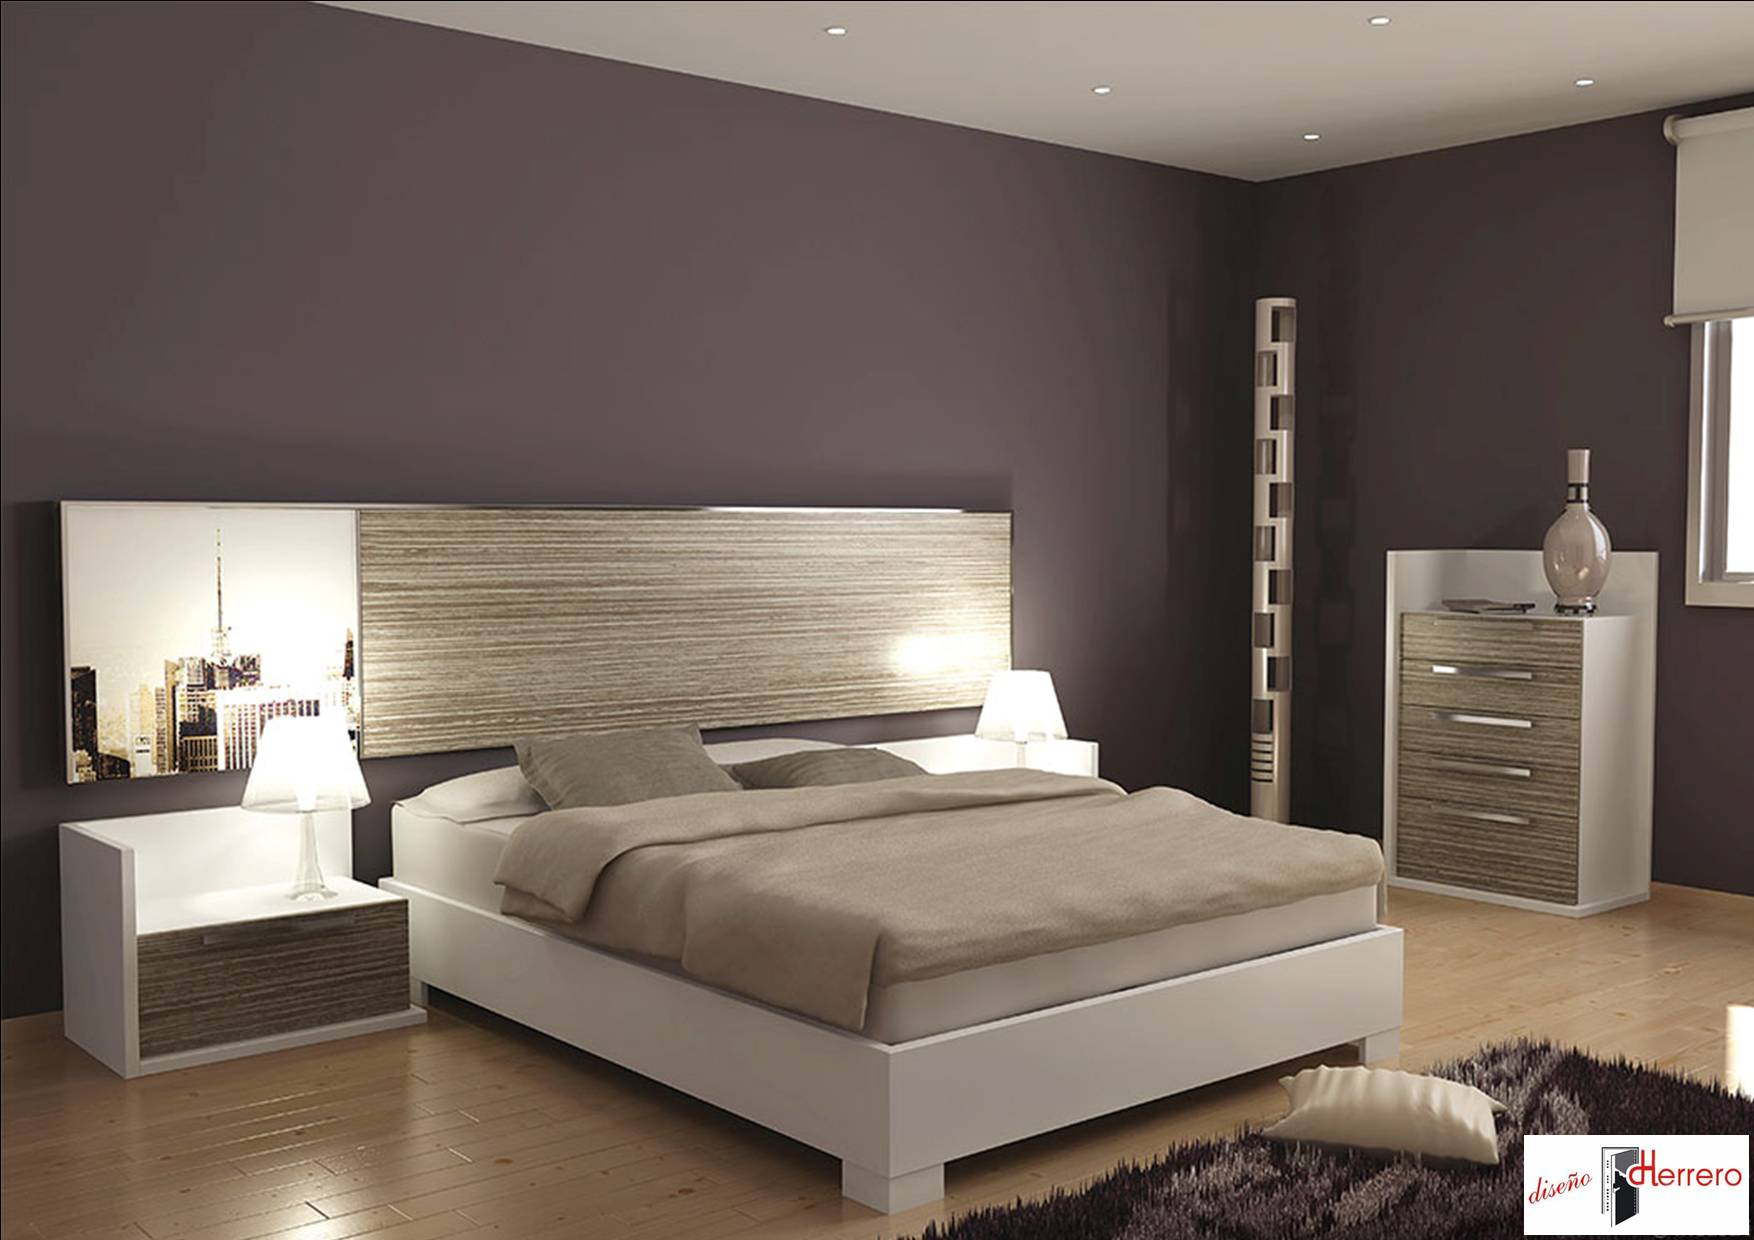 dormitorio-zen-2